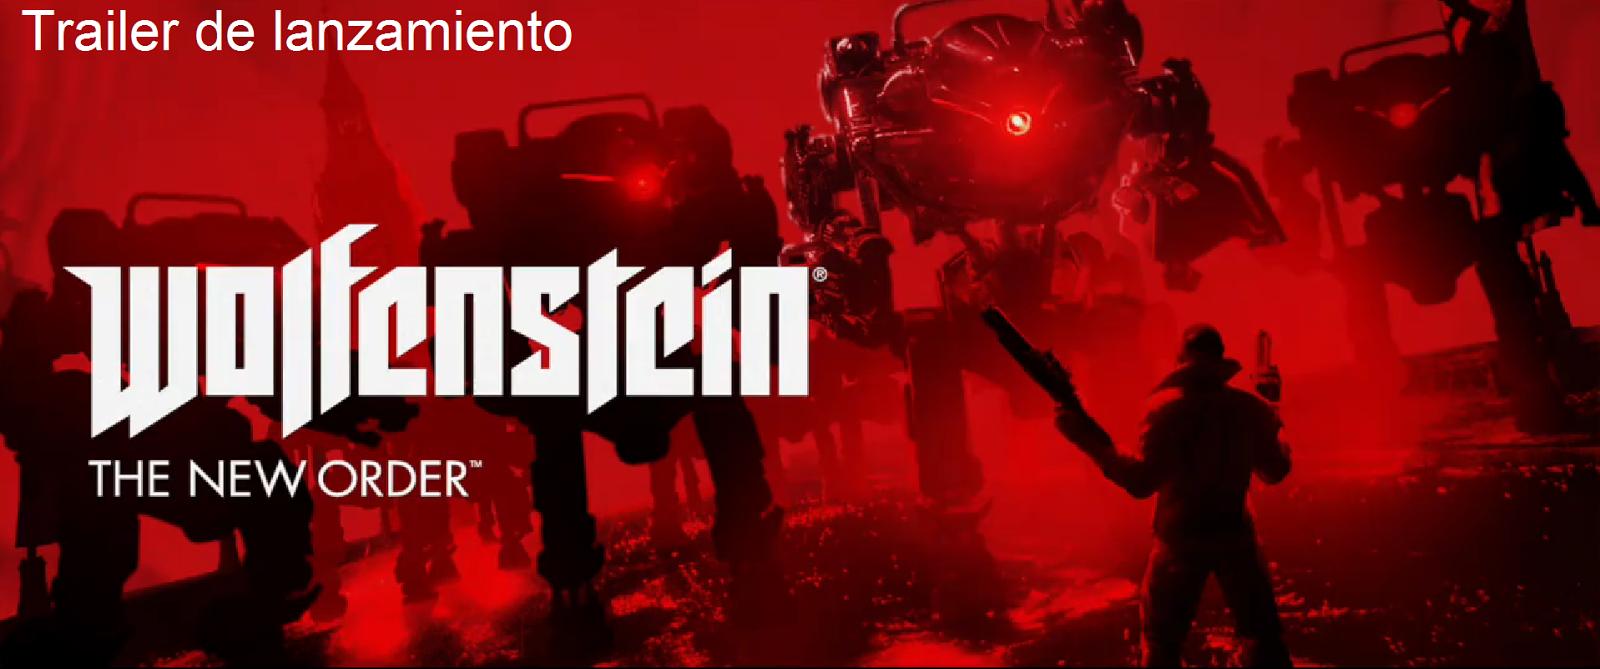 Total Gamer Spain (TGS7): Trailer de lanzamiento Wolfenstein: The New Order